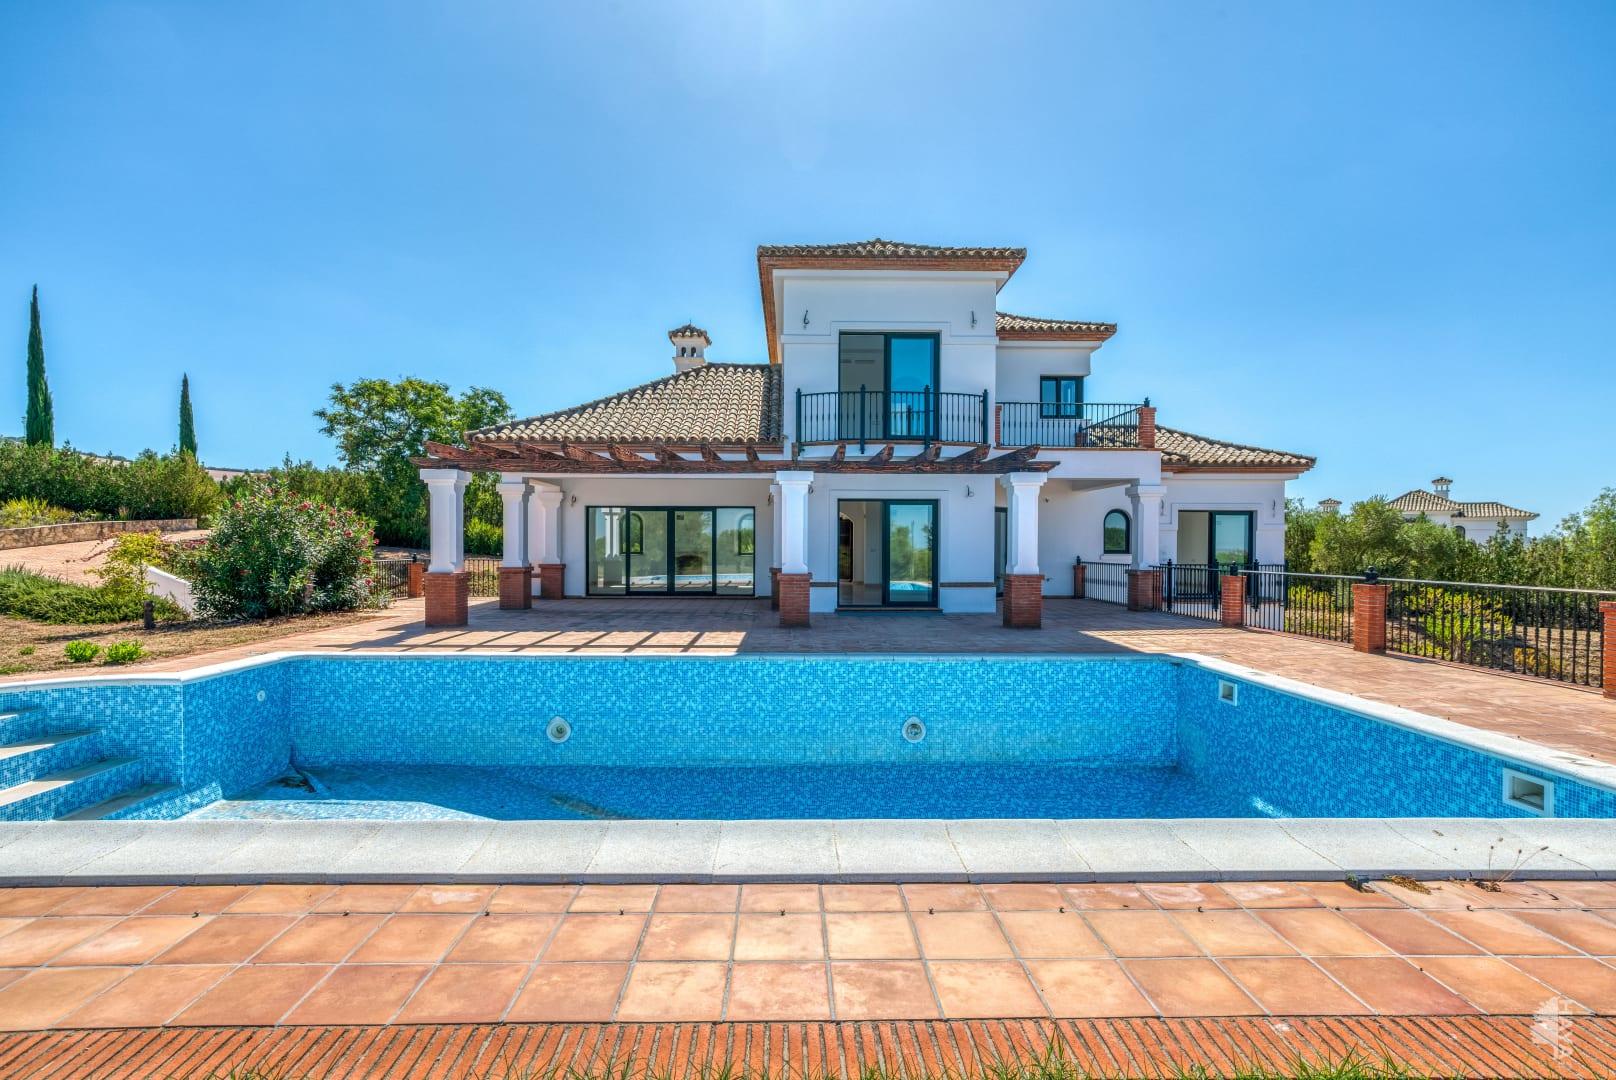 Casa en venta en Arcos de la Frontera, Cádiz, Carretera Golf, 304.500 €, 4 habitaciones, 3 baños, 318 m2